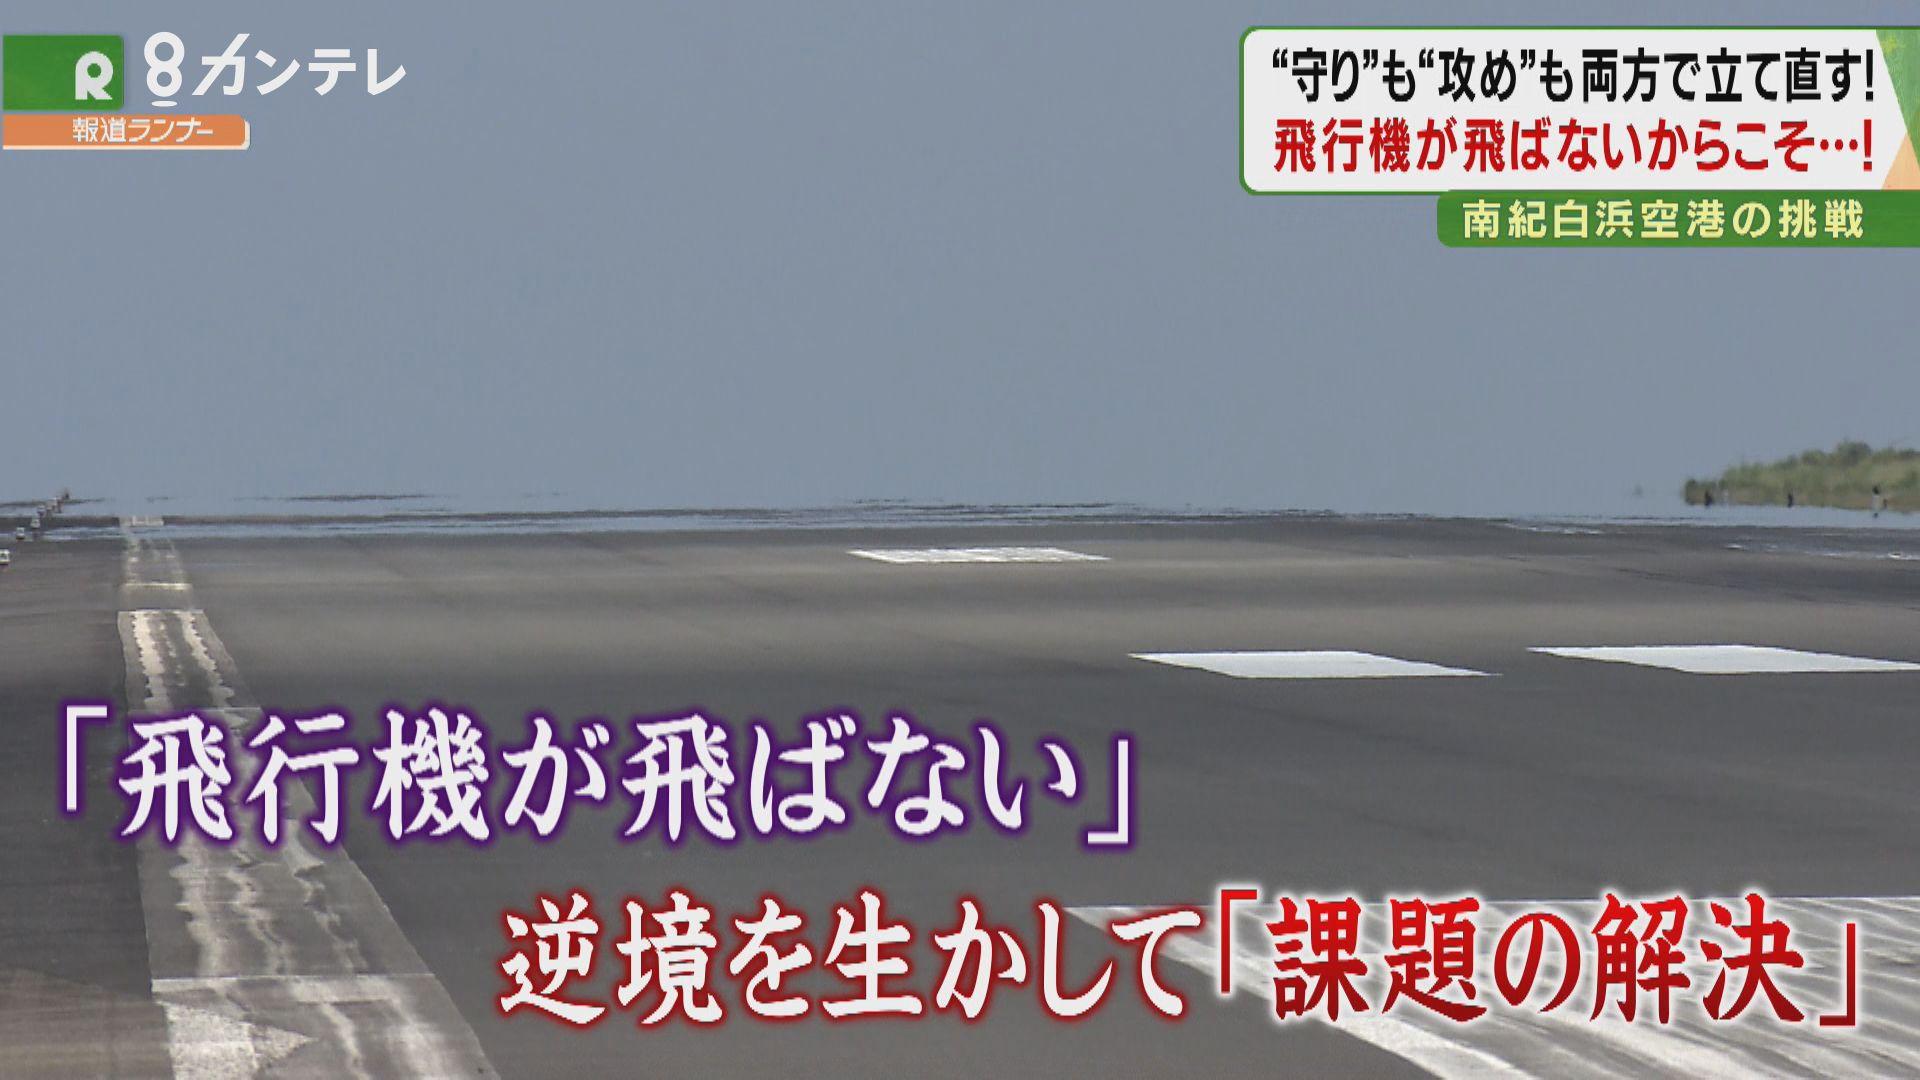 【特集】飛行機が「飛ばなくなった」空港、逆境を生かし「今だからできる街づくり」を